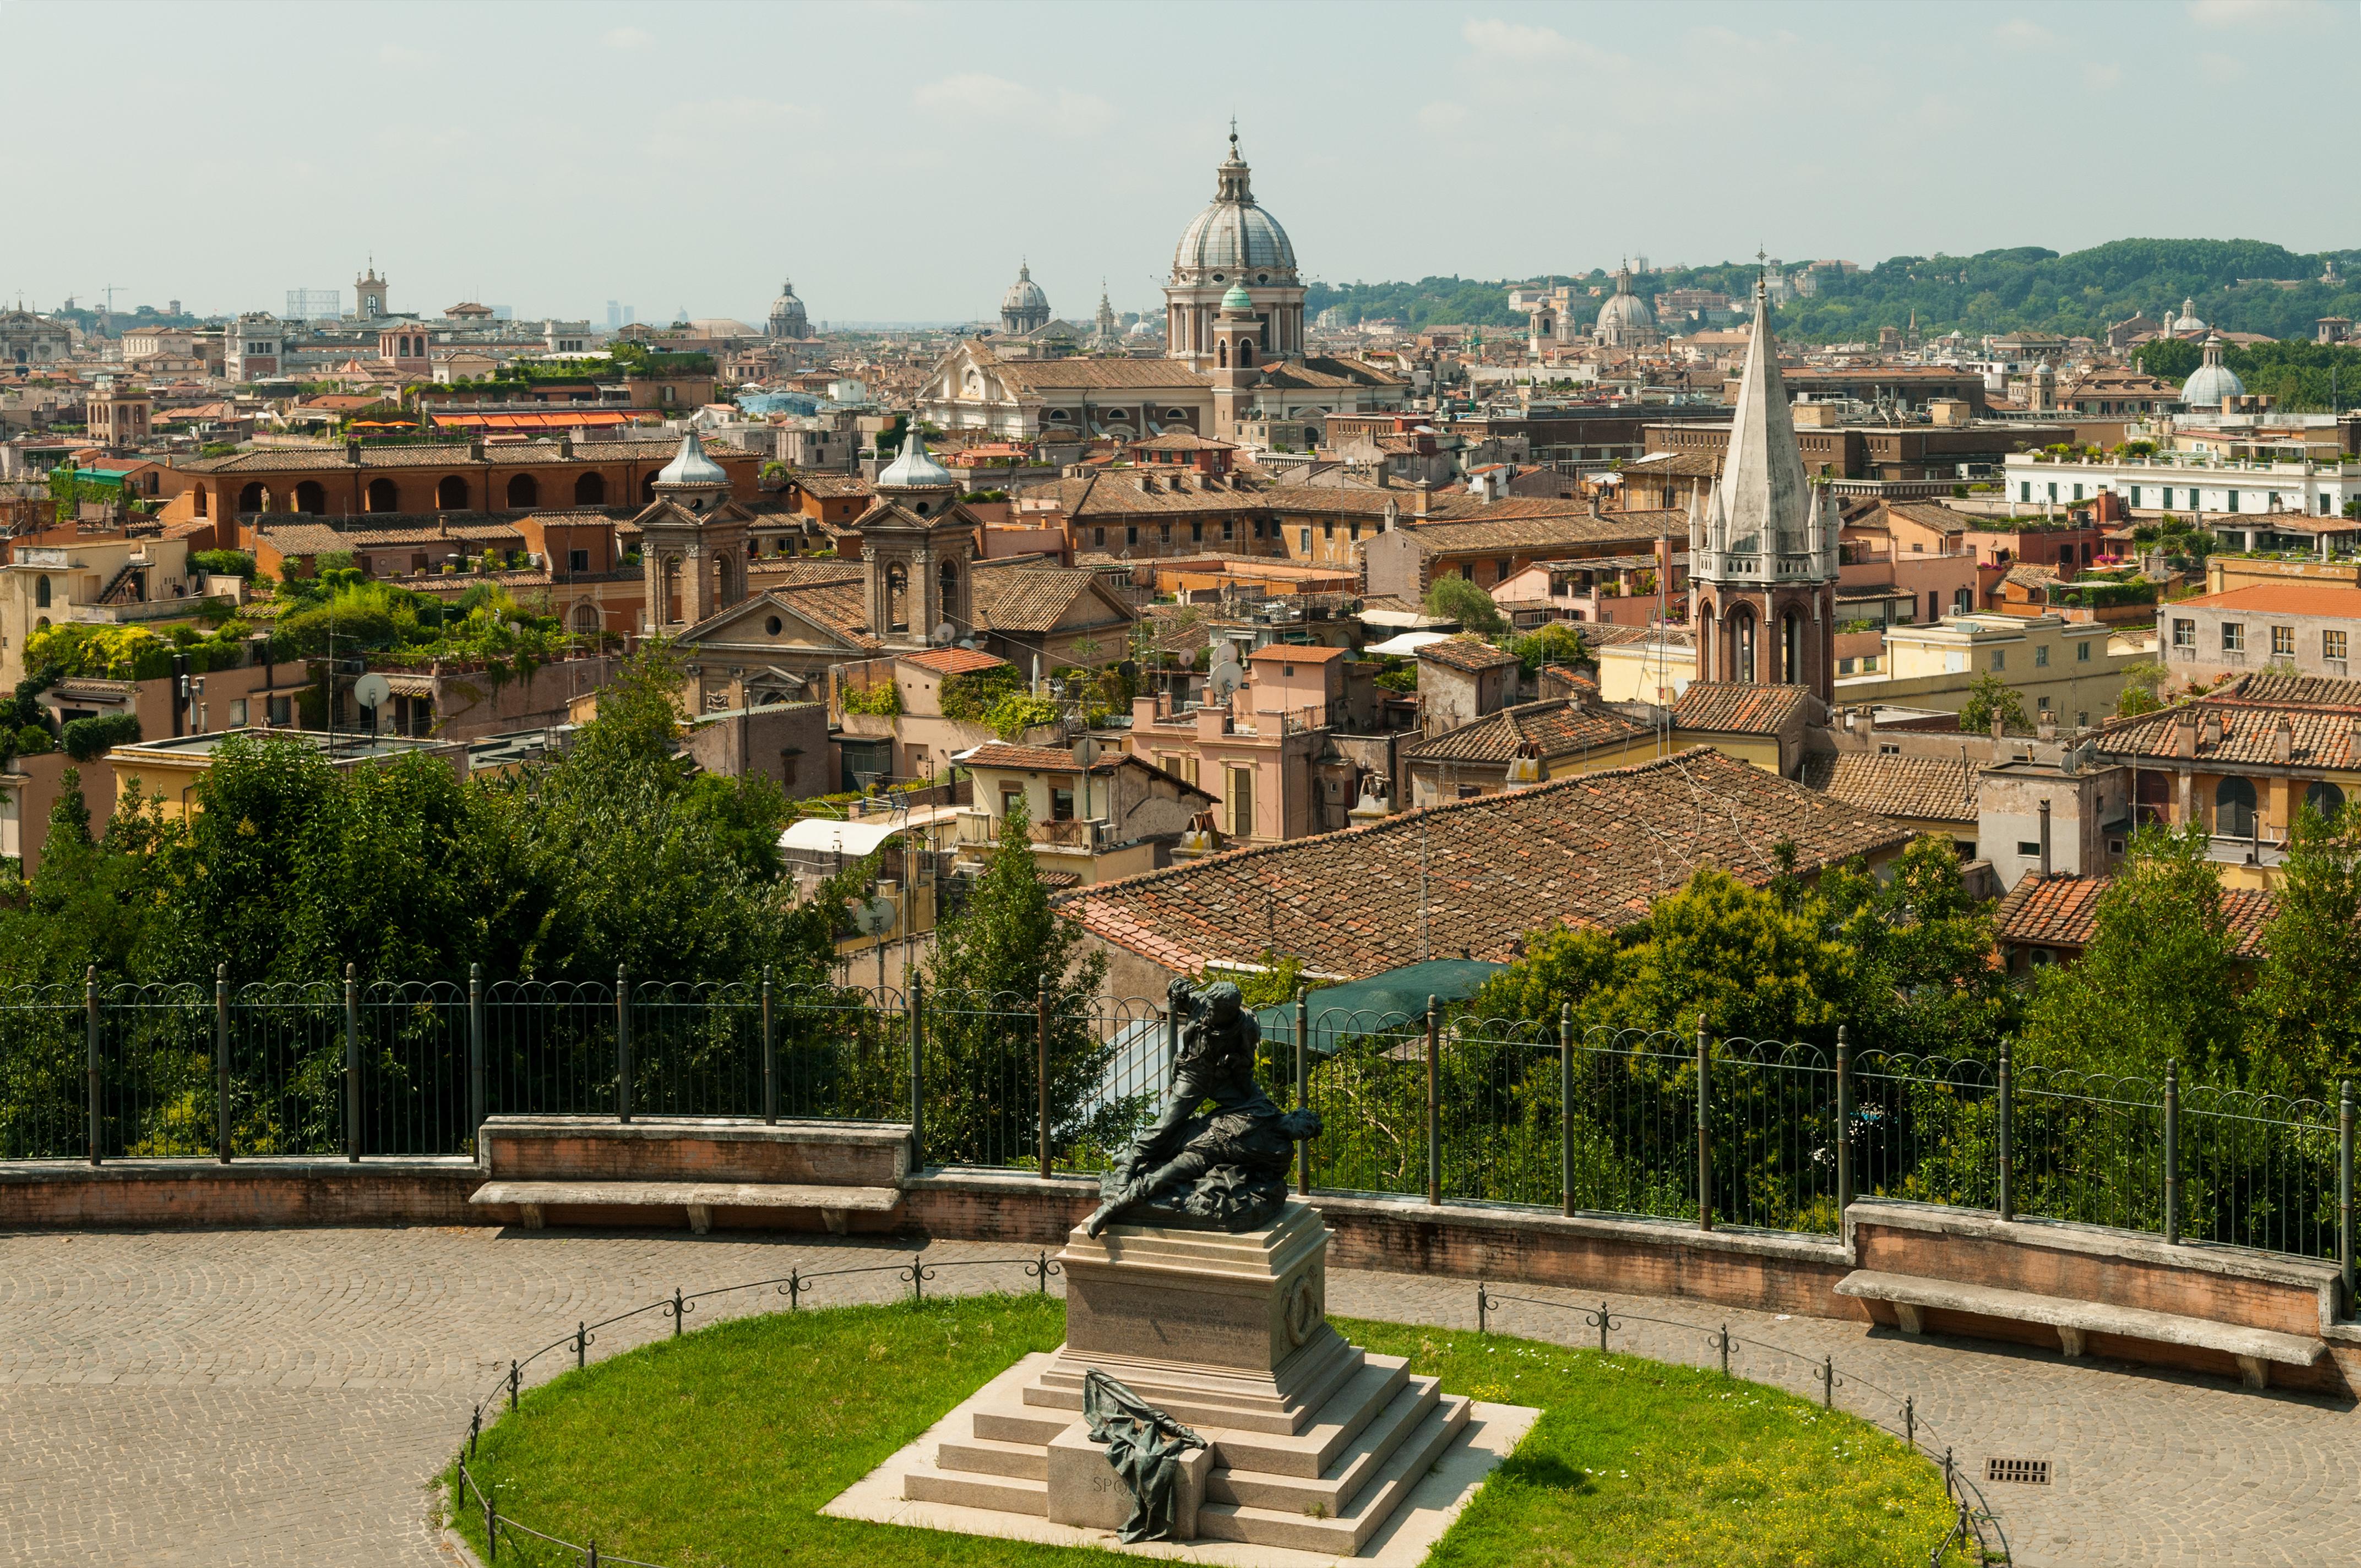 Le case di lusso pi costose in italia sono a roma for Case di lusso roma